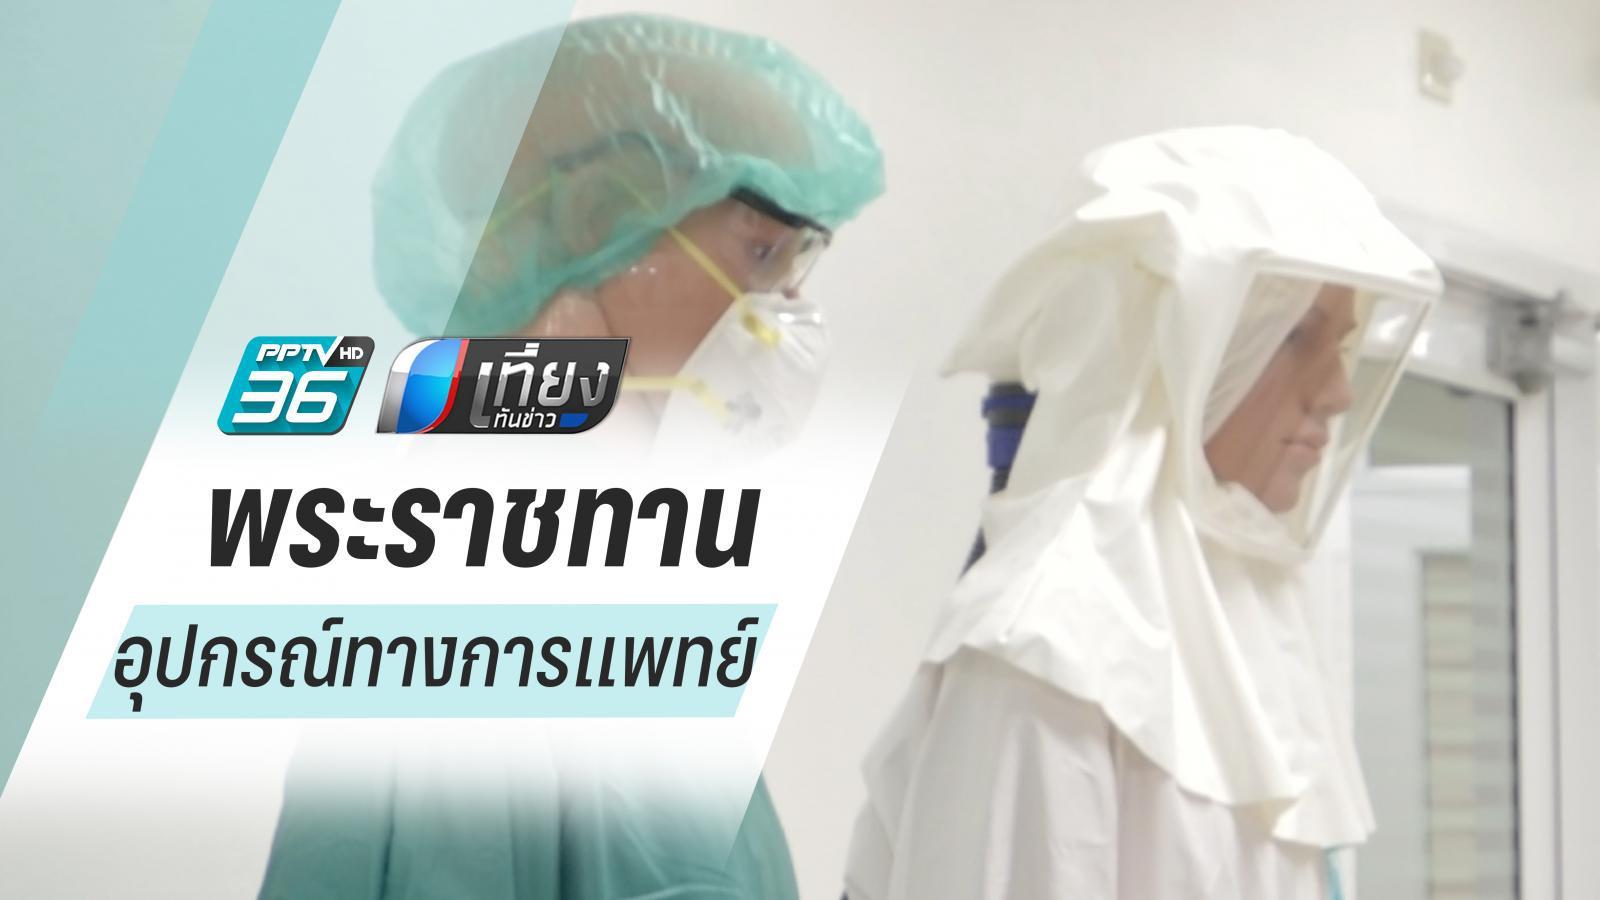 ไวรัสโคโรนา : ในหลวง พระราชทานอุปกรณ์ทางการแพทย์ มอบให้จีน